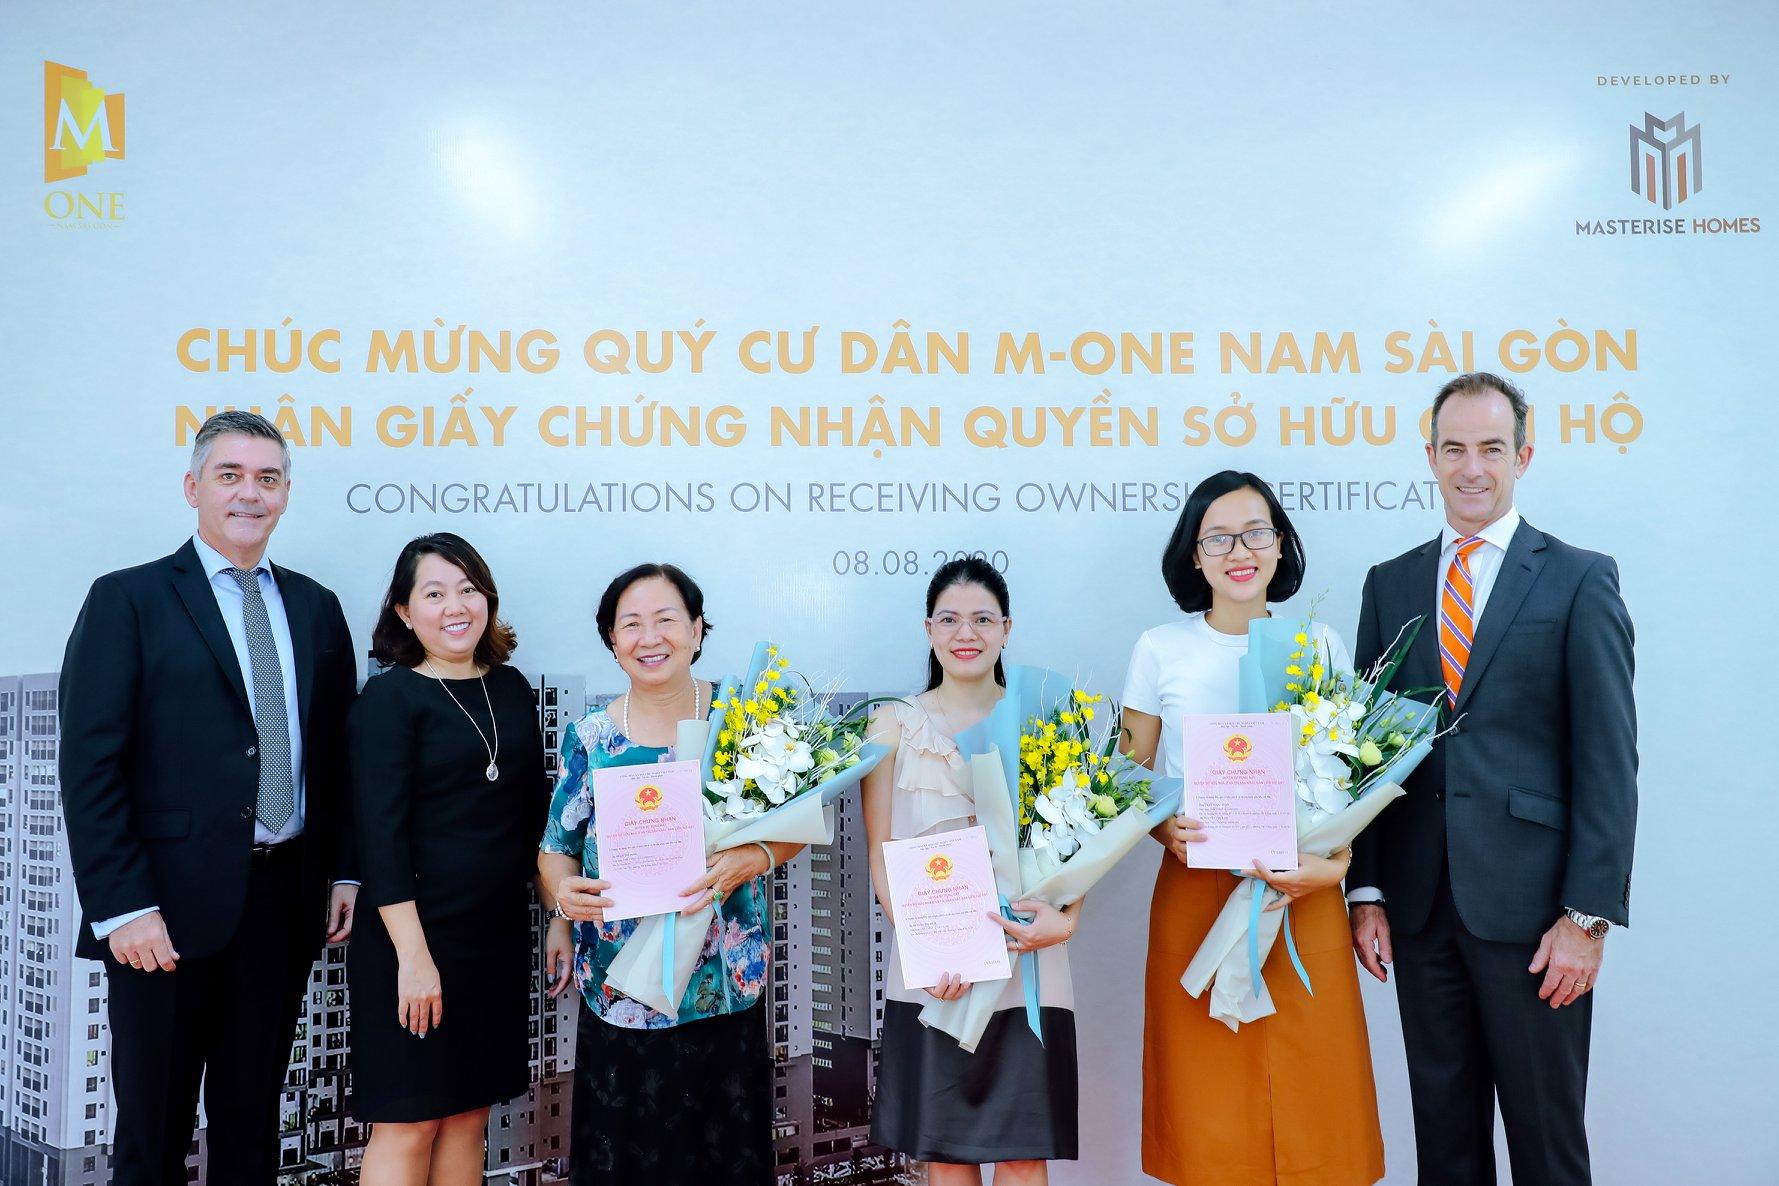 Những khách hàng nhận bàn giao chủ quyền dự án M-One Nam Sài Gòn.